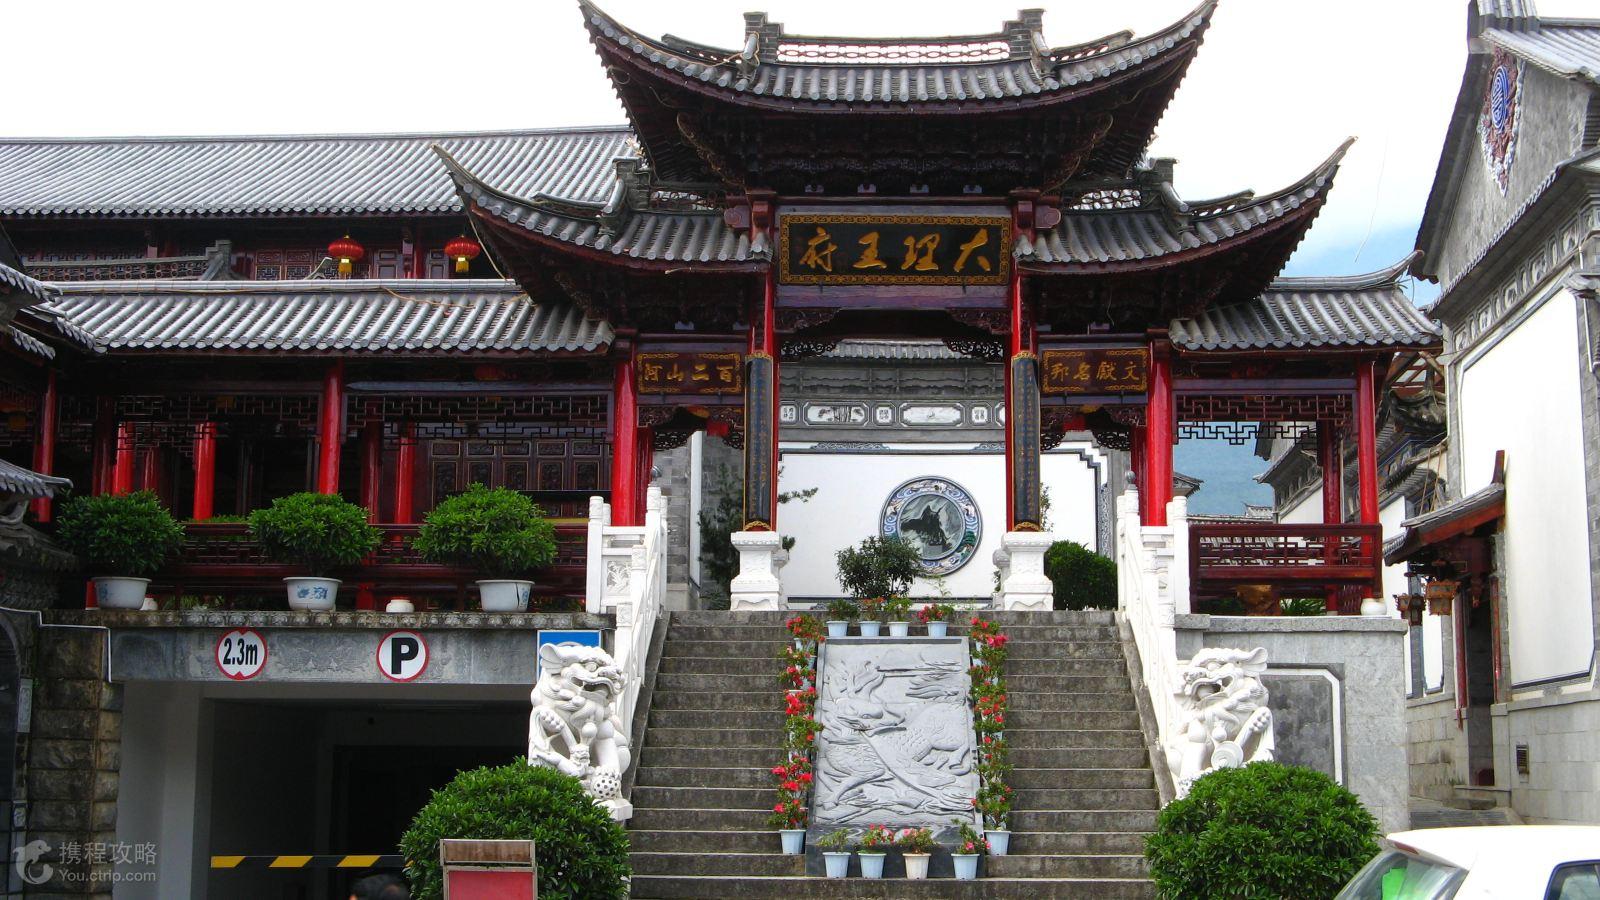 赏枫游·石林崇圣寺三塔+大理丽江古城+洱海+云南